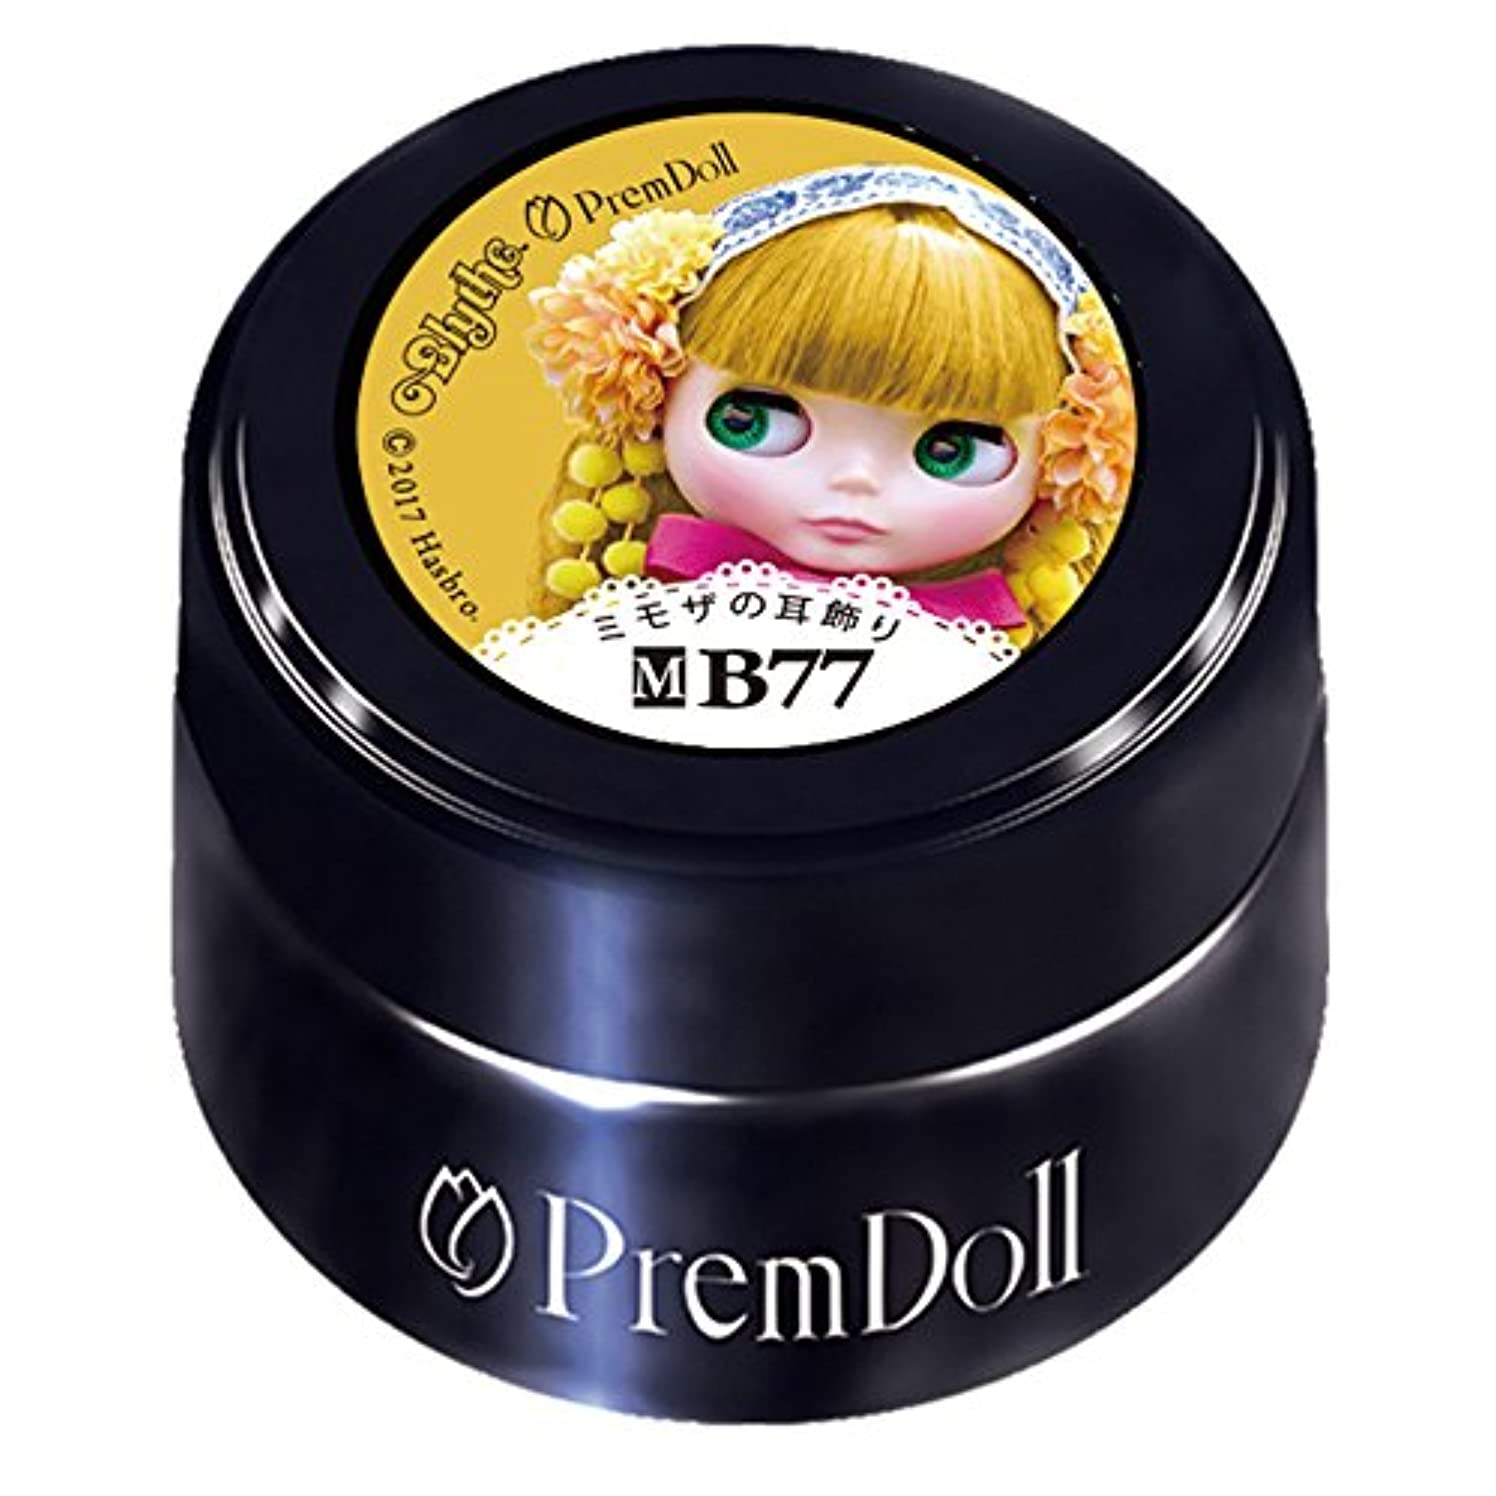 アンデス山脈物思いにふける広くPRE GEL プリムドール ミモザの首飾り DOLL-B77 3g UV/LED対応 カラージェル